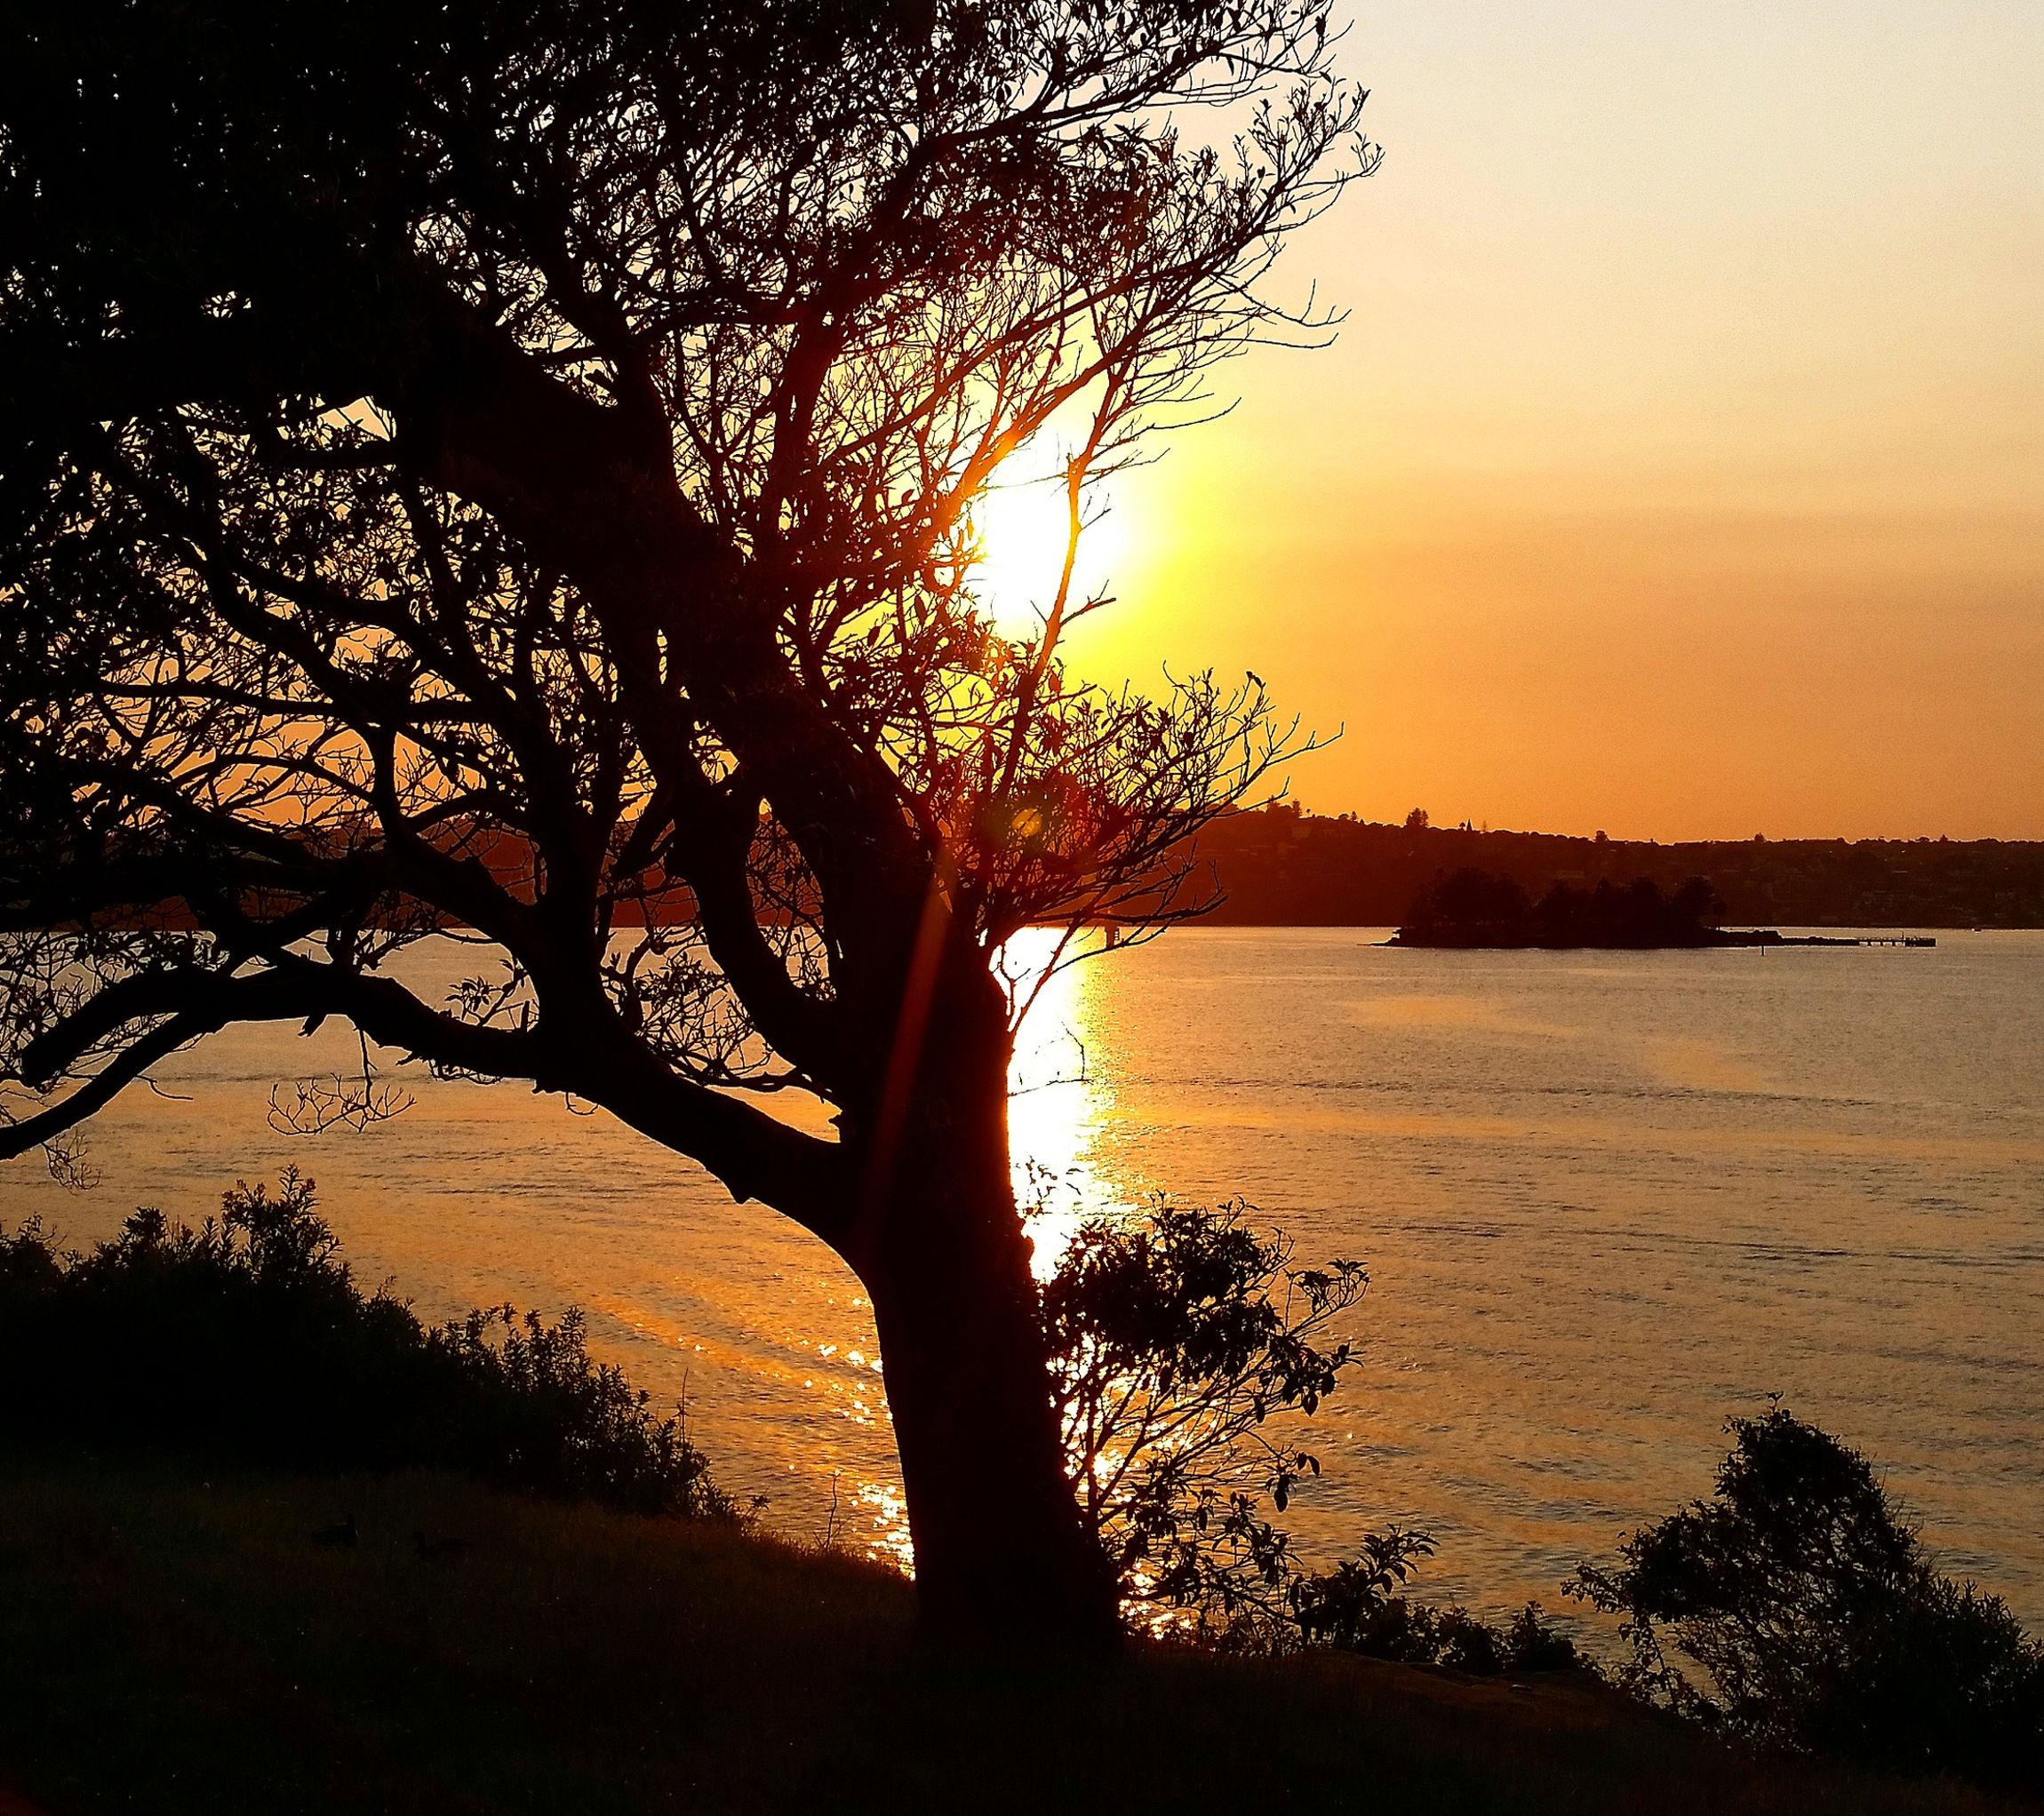 Narmadariver Sunrise Behindtree